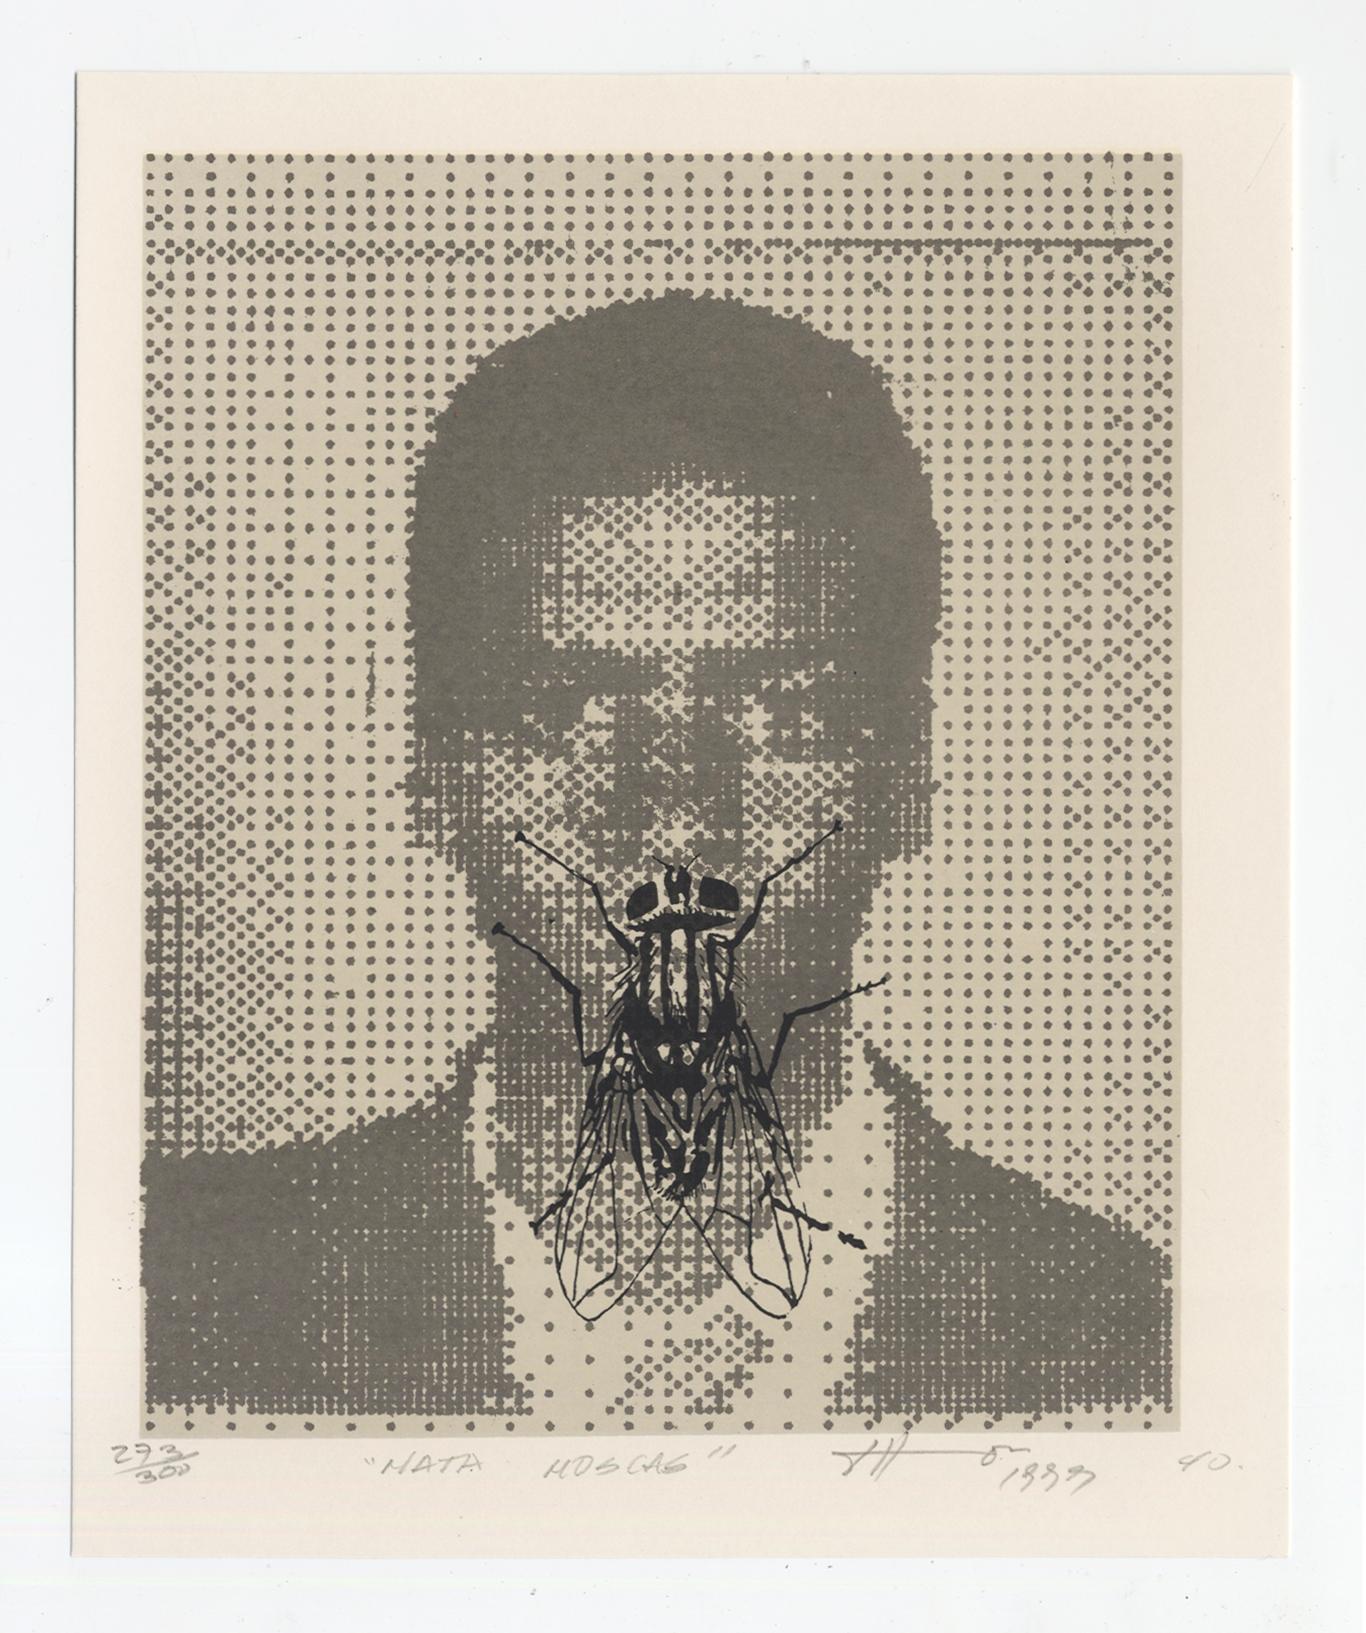 - Multiple Artists(Cuba & U.S.A, 1940s – 1970s)La Huella Múltiple, 1999Xilographs, ed. 273/300Gift of Darrel CouturierM.2017.003.a-bbbDownload (JPG)